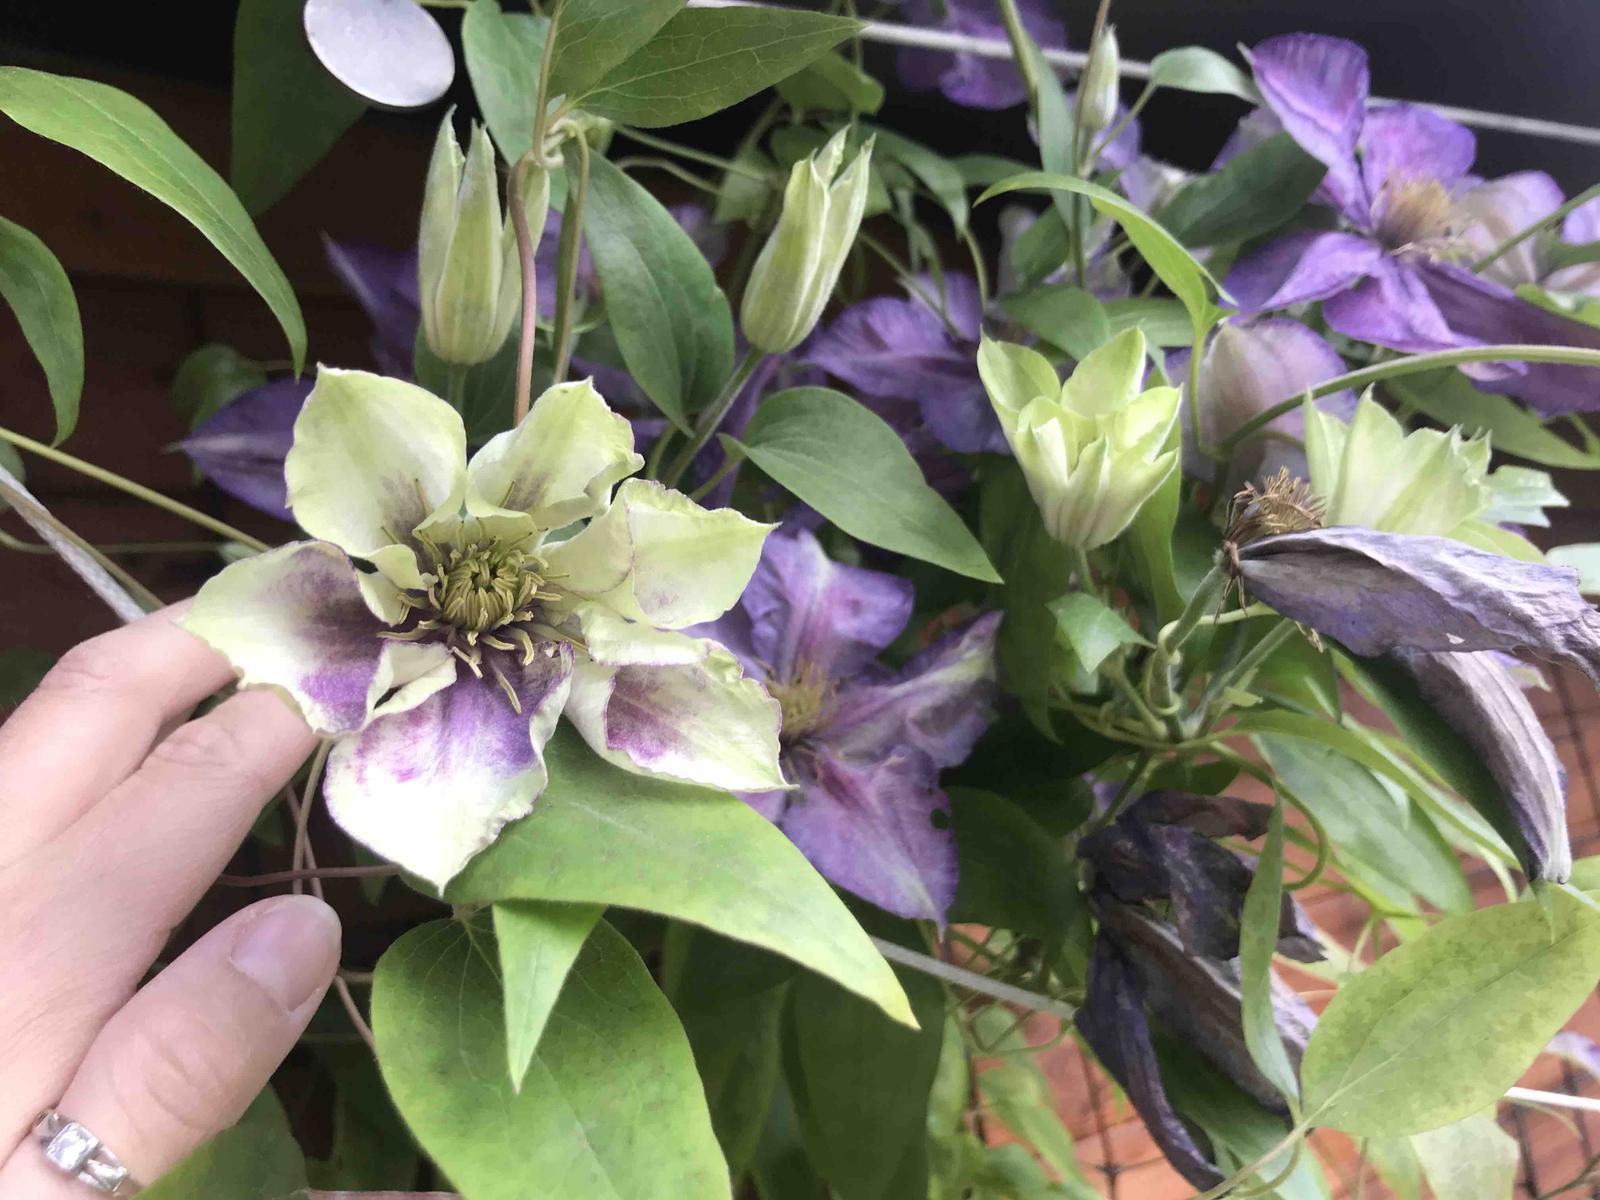 Naše barevná zahrada 🌸 - Tento má úplně novou barvu 🙉 některé květy jsou úplně světlé 🙉